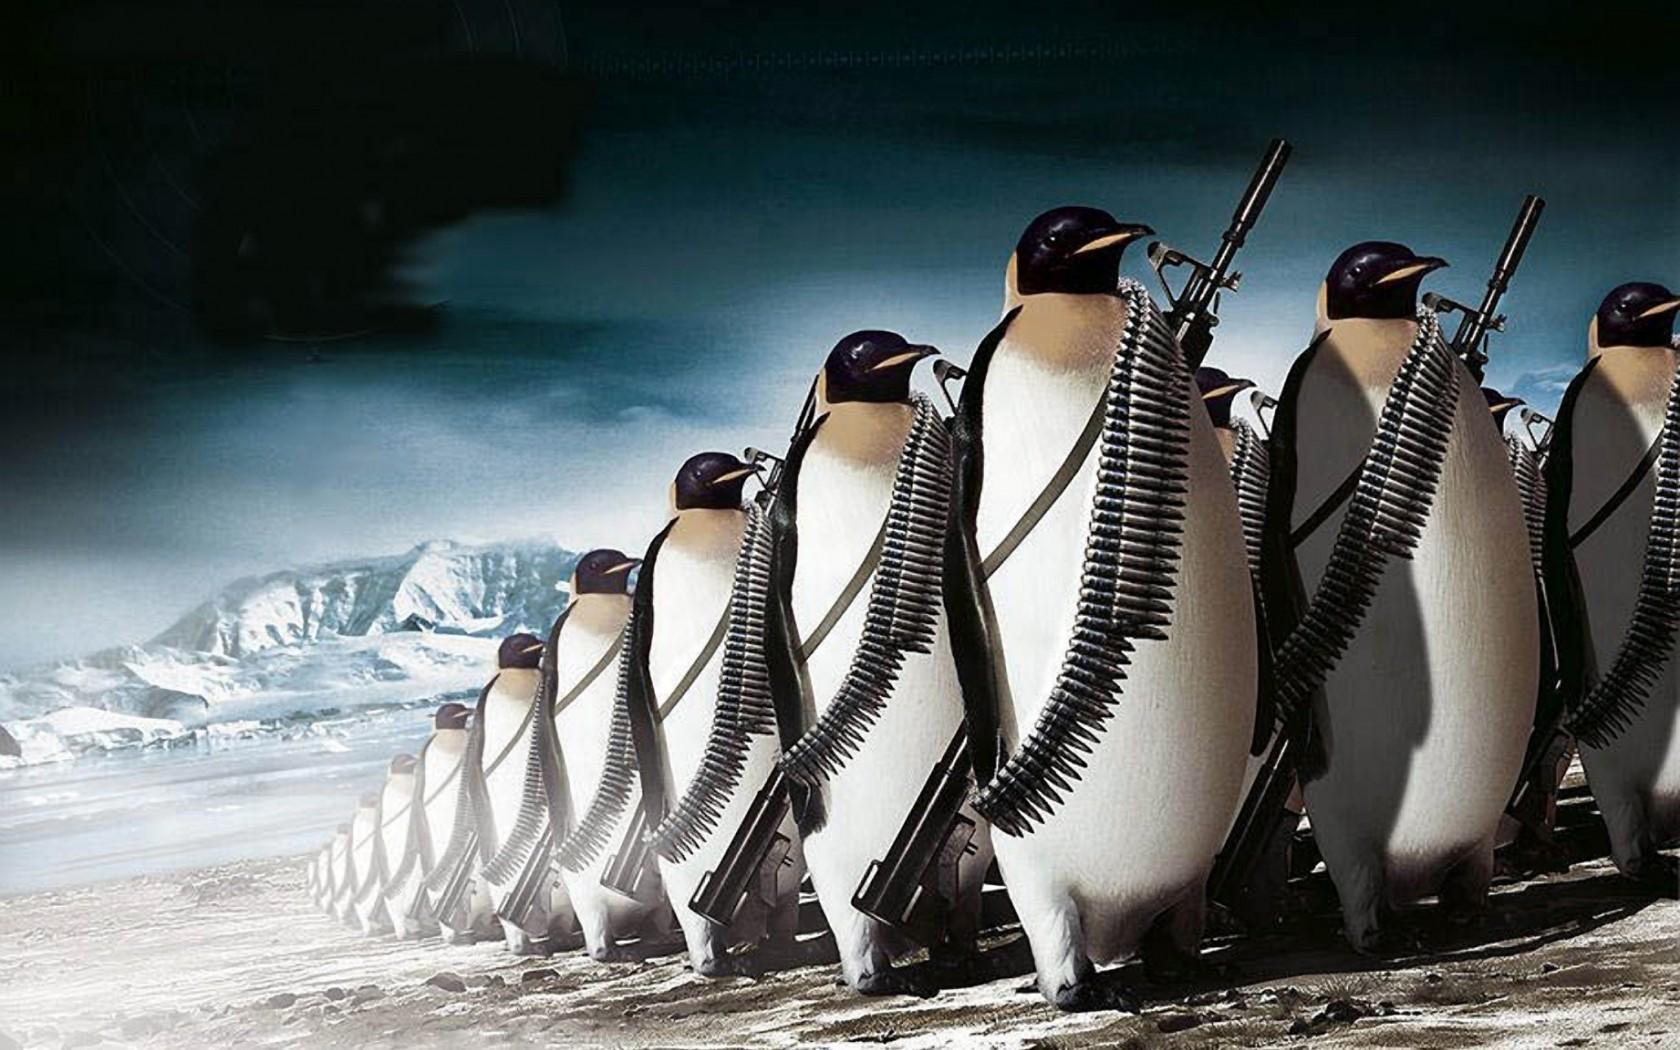 42005 économiseurs d'écran et fonds d'écran Dessins sur votre téléphone. Téléchargez Animaux, Pinguouins, Dessins images gratuitement